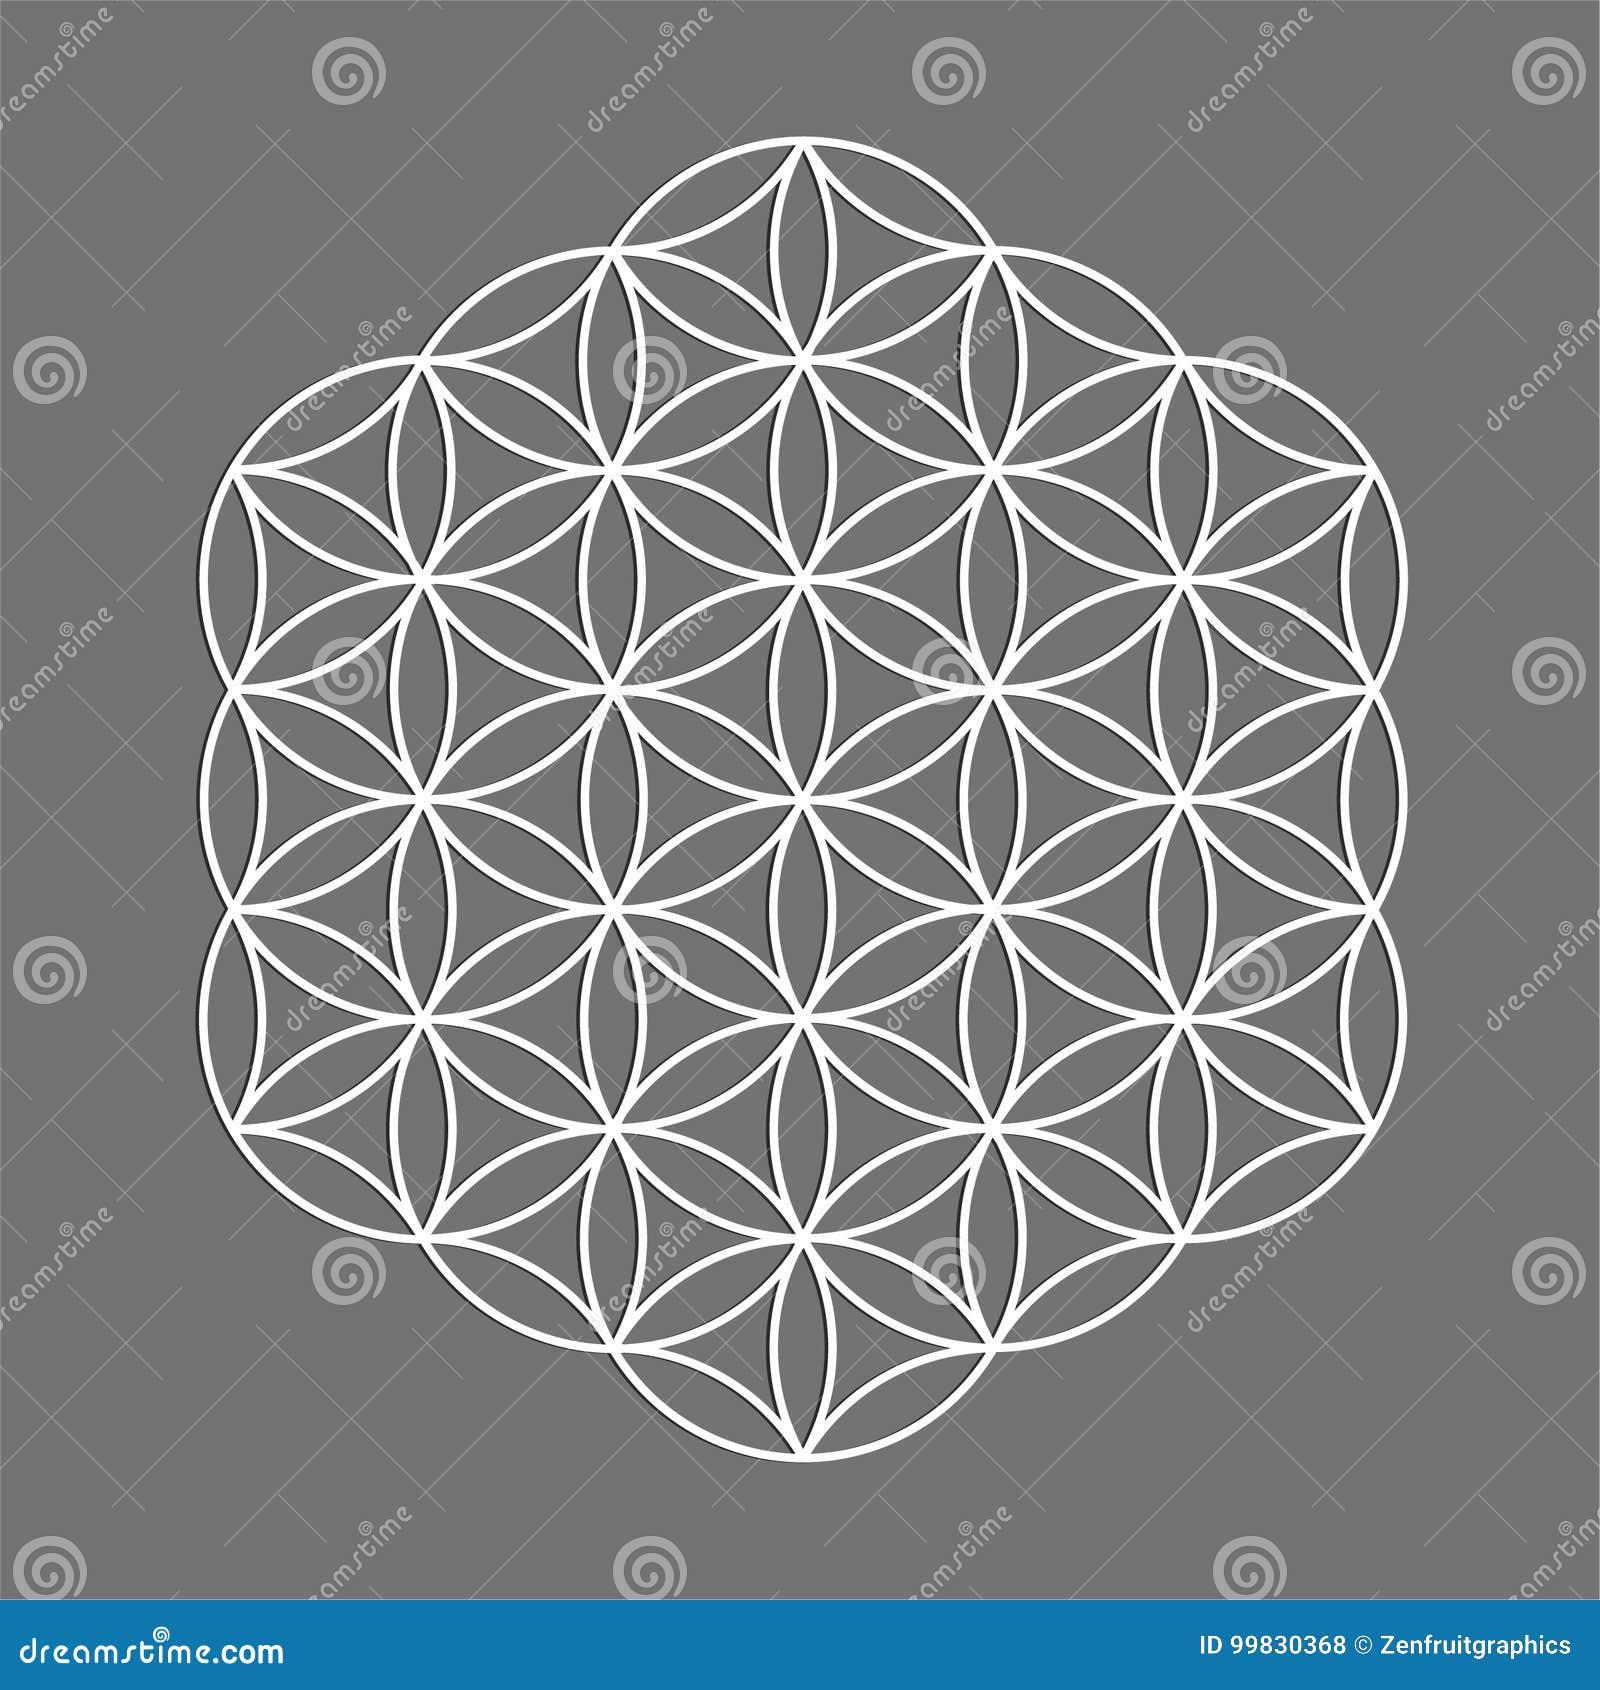 Священный символ геометрии, цветок жизни для алхимии, духовность, вероисповедание, общее соображение, эмблема астрологии или ярлы